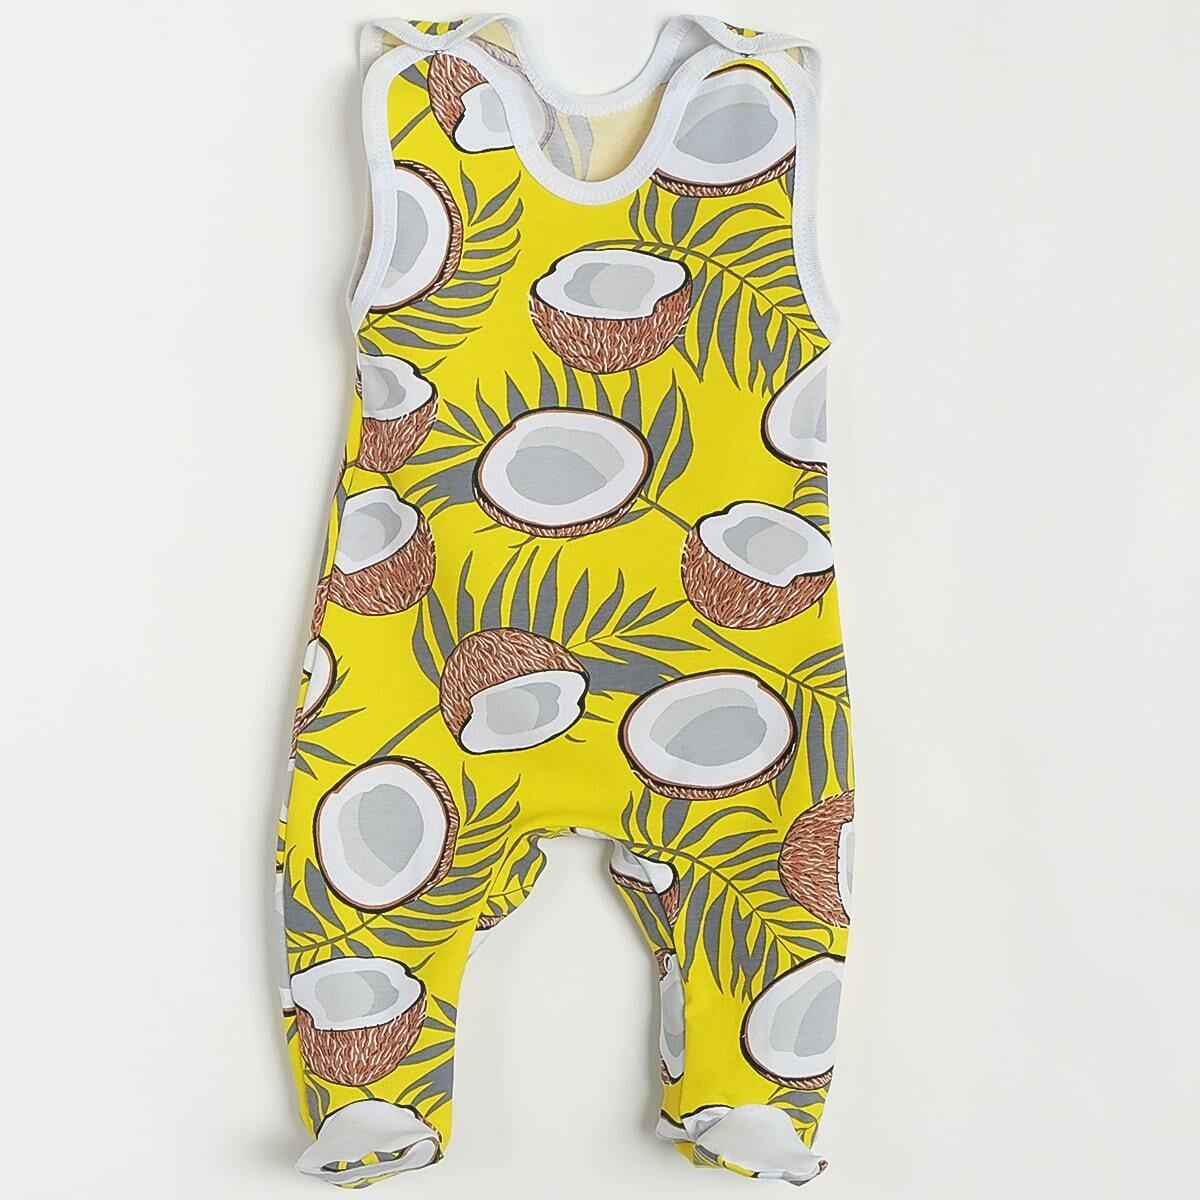 Ползунки ГНОМИК с кнопками под памперс, тонкий трикотаж, кокосы, желтый